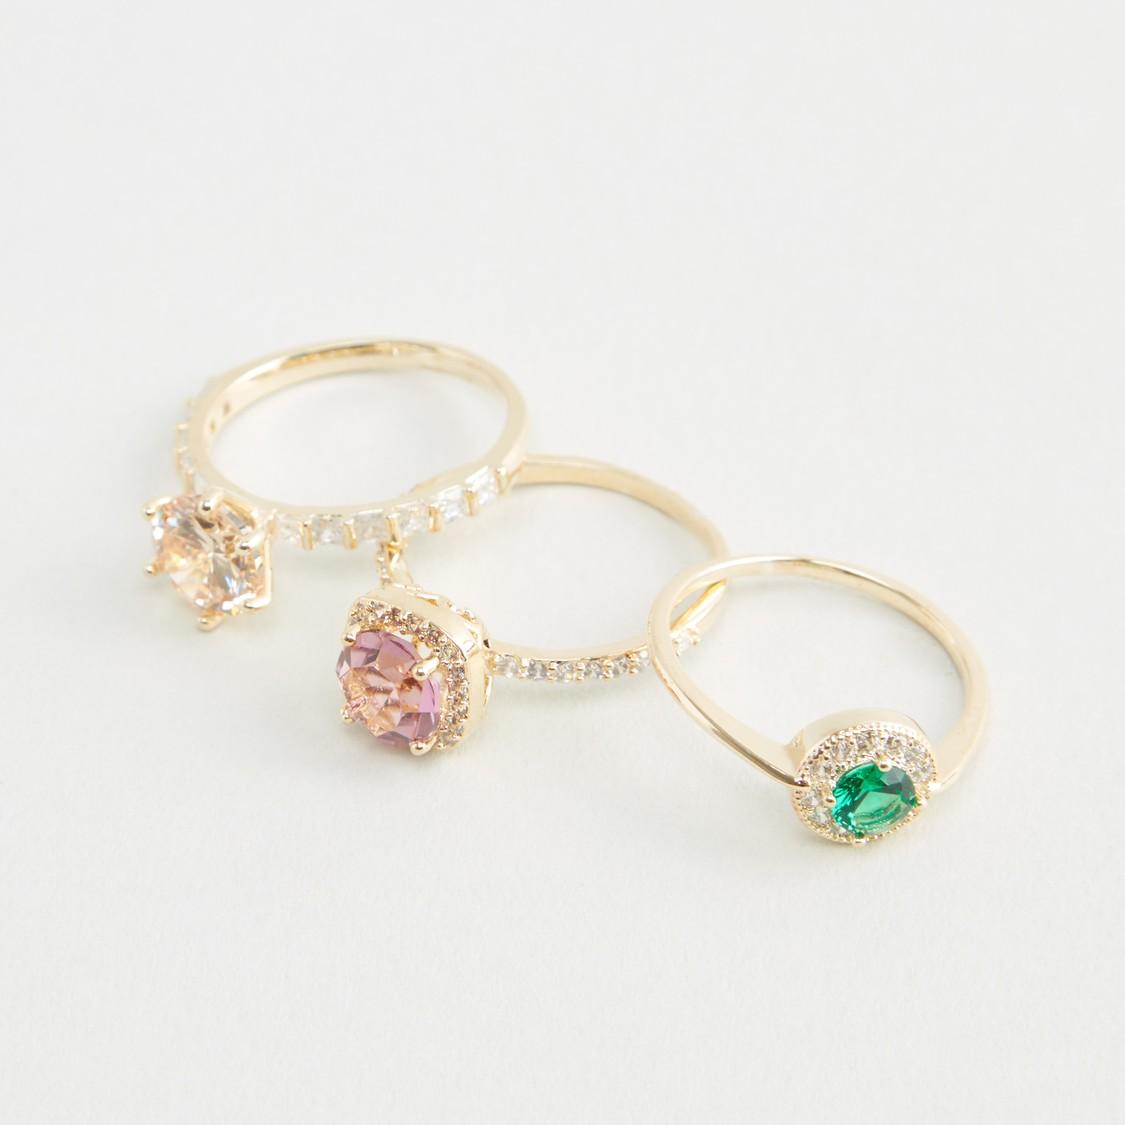 Set of 3 - Studded Metallic Finger Rings